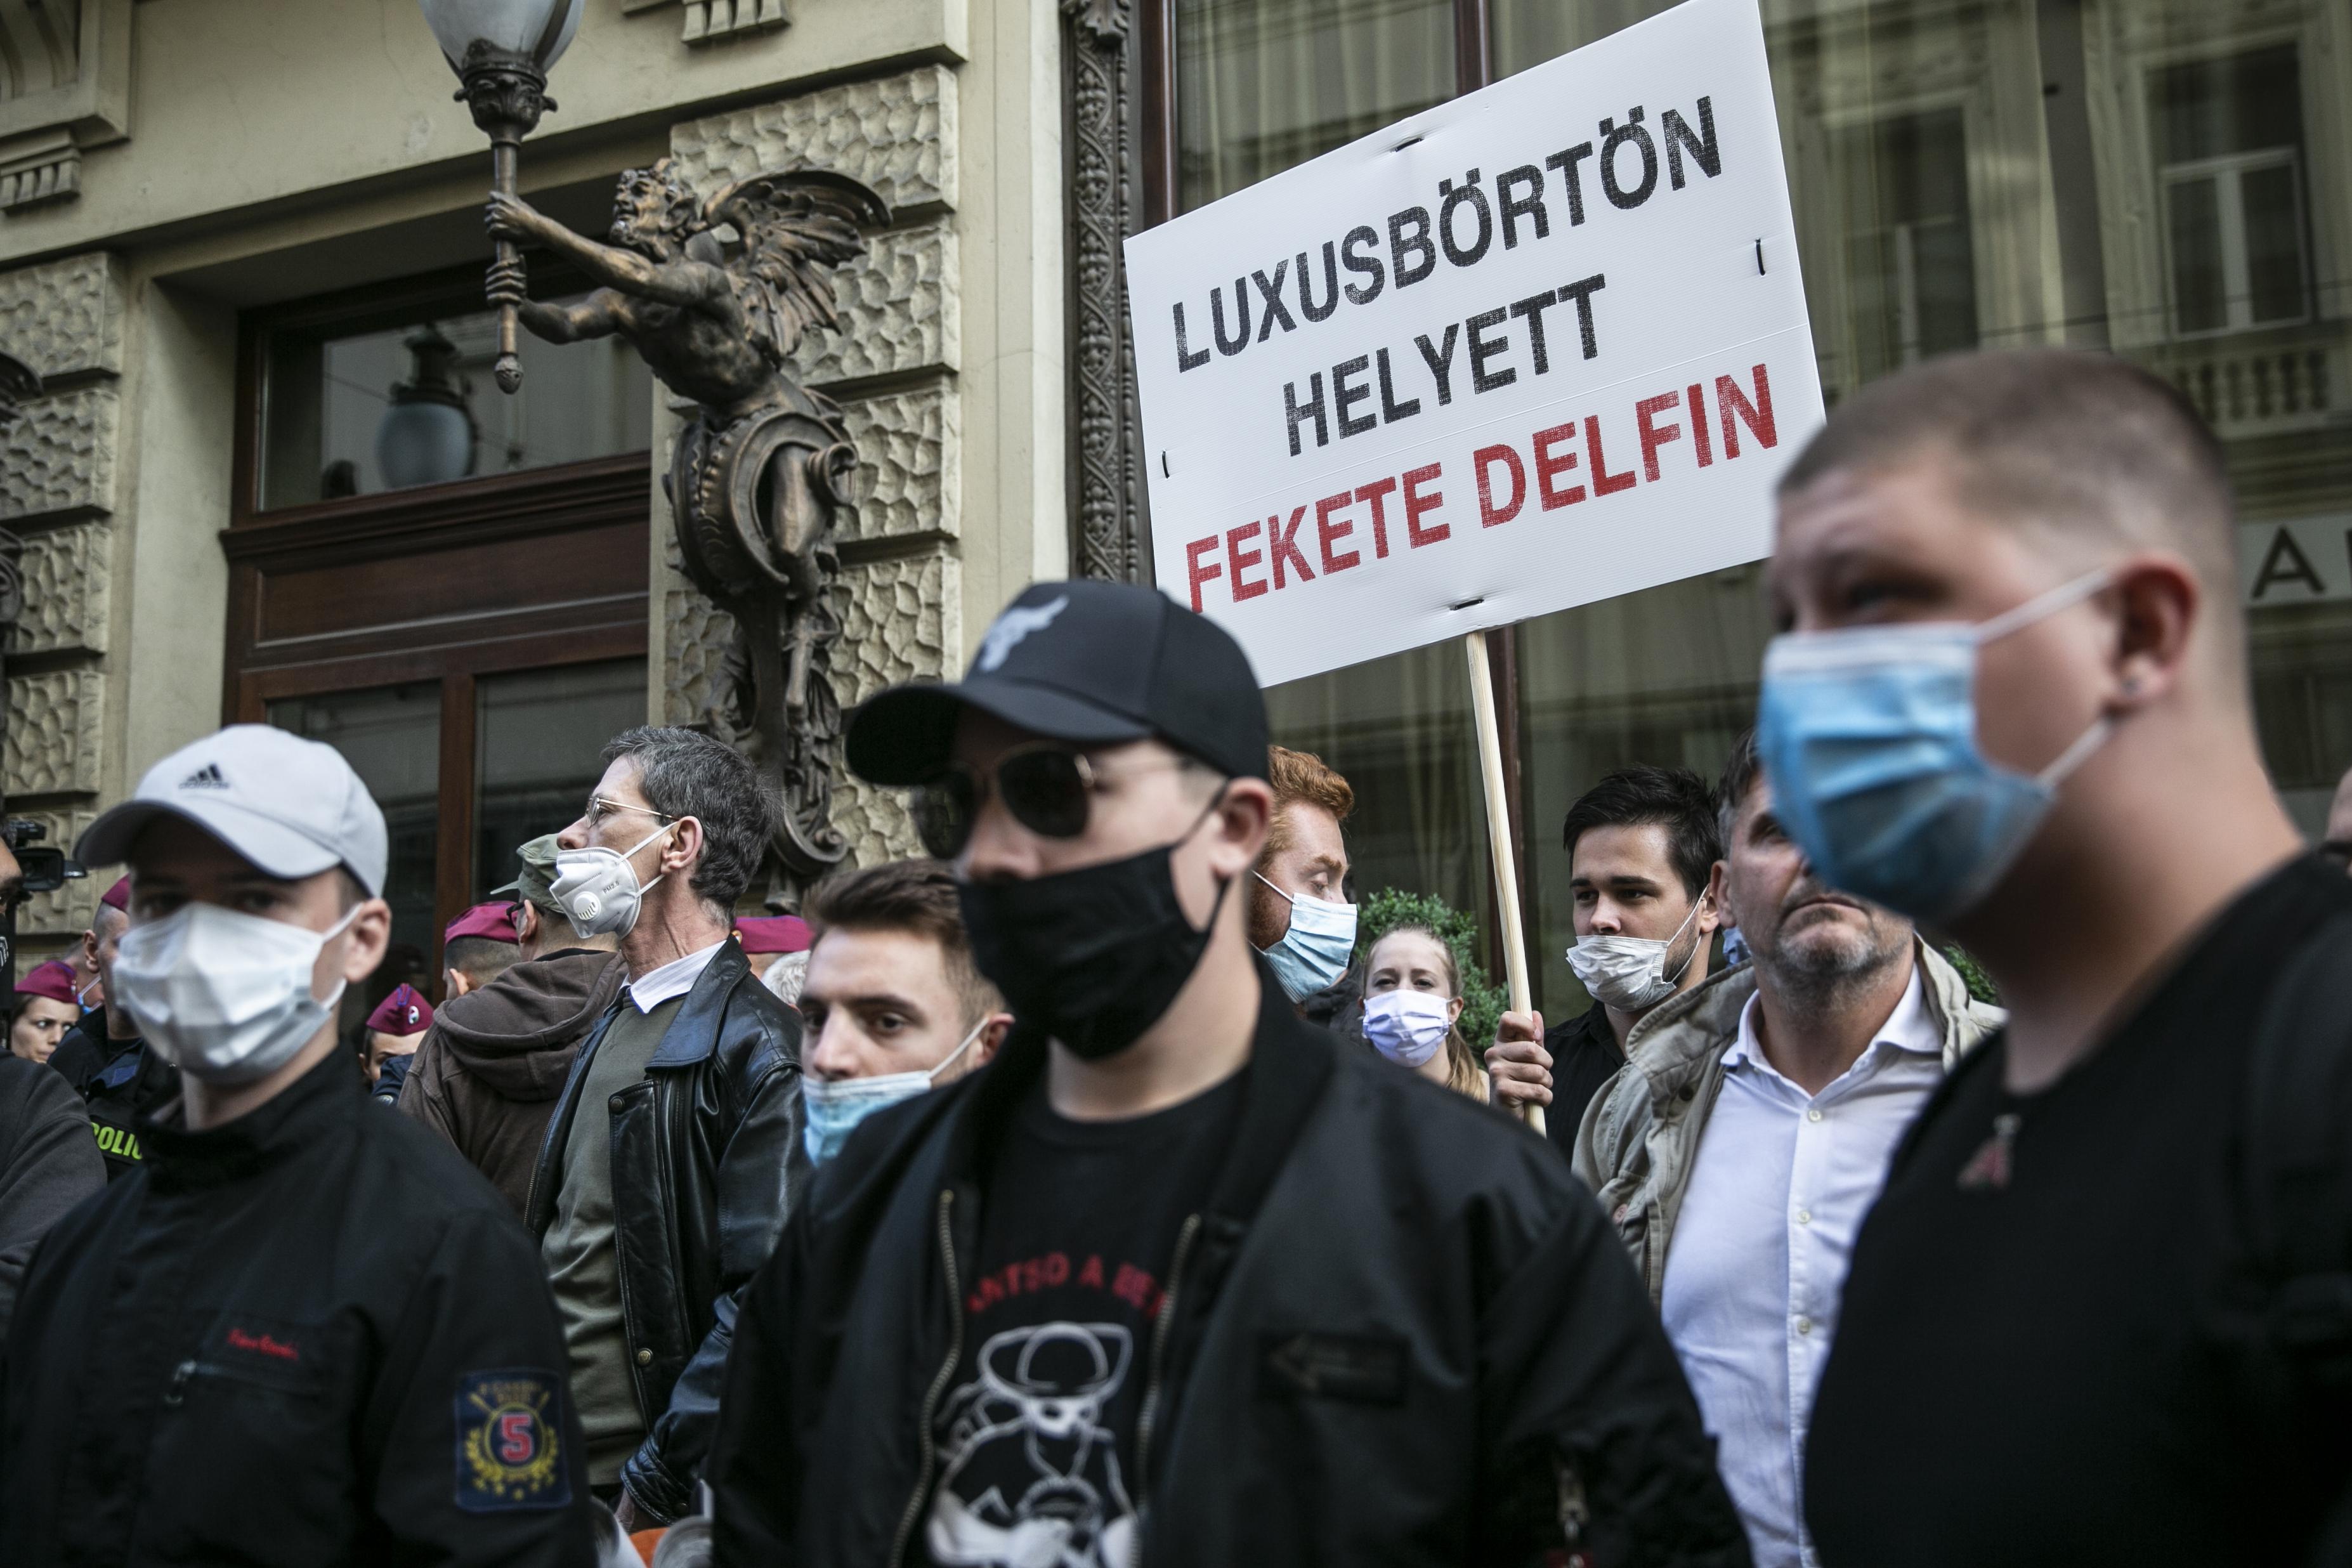 Szél: Az elmaradt rendőri fellépés mutatja, hogy a kormány egyre leplezetlenebbül politizál a rendőrségen keresztül